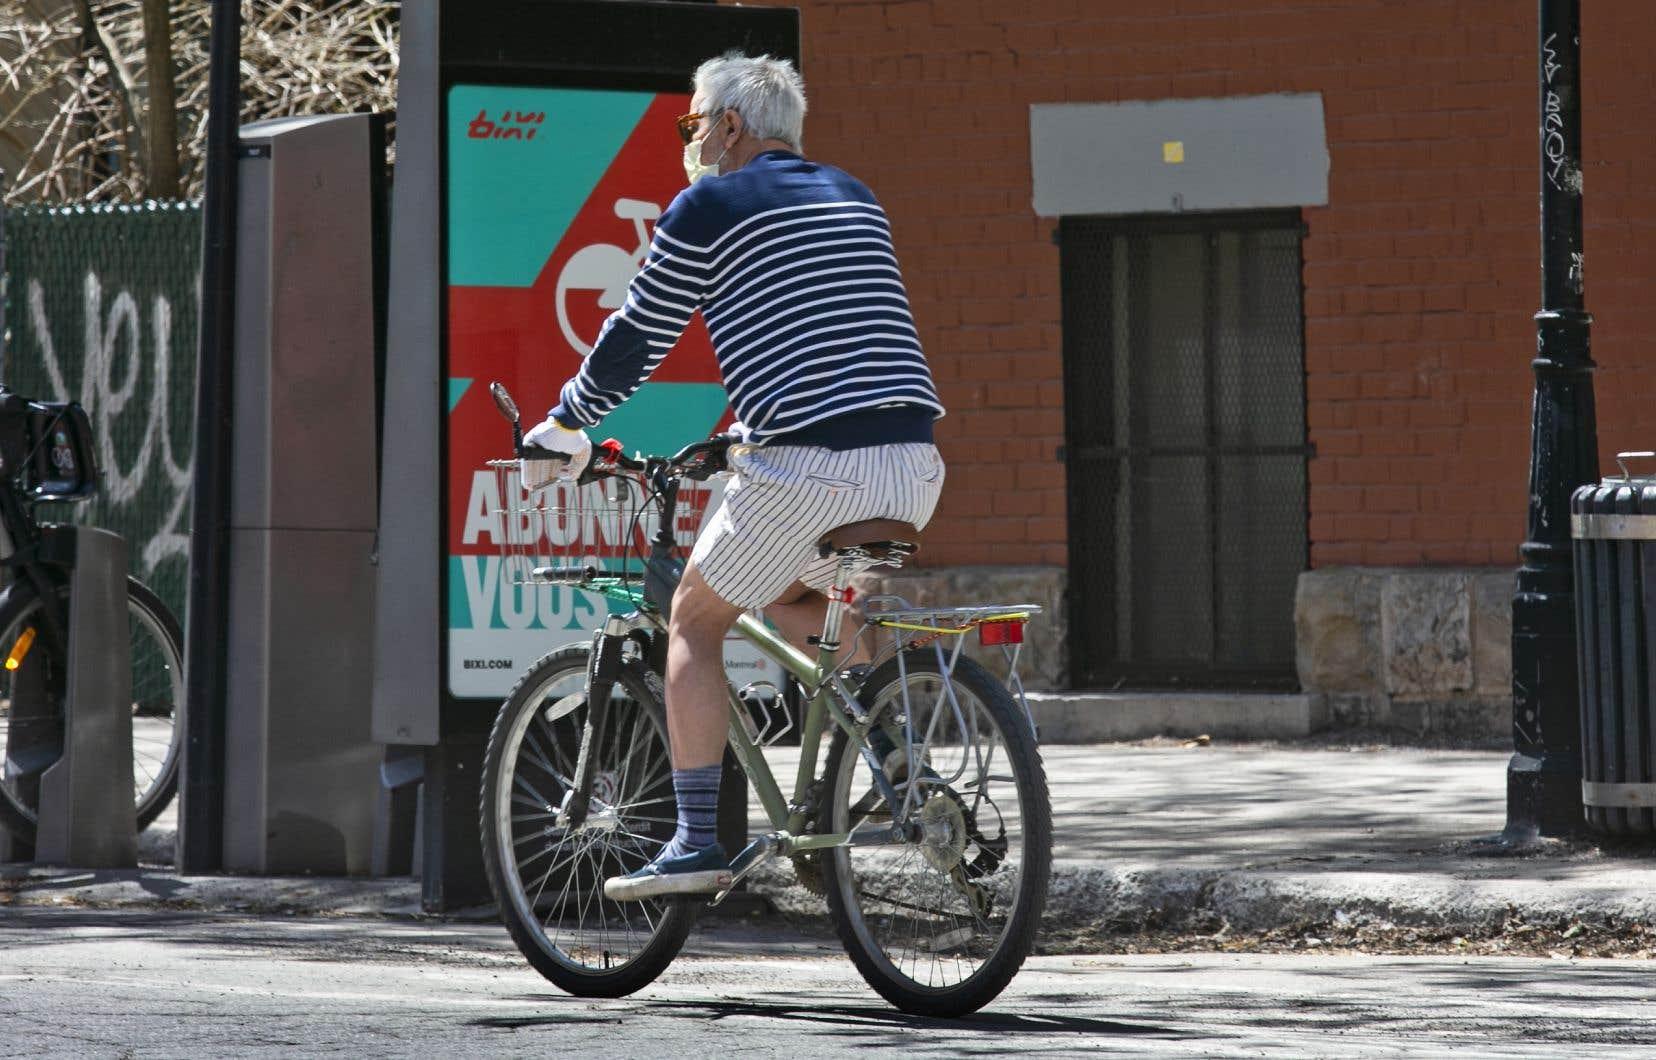 Les corridors sanitaires et les pistes cyclables, qui sont susceptibles de nuire à l'accessibilité universelle, ont fait l'objet de plusieurs plaintes de citoyens.